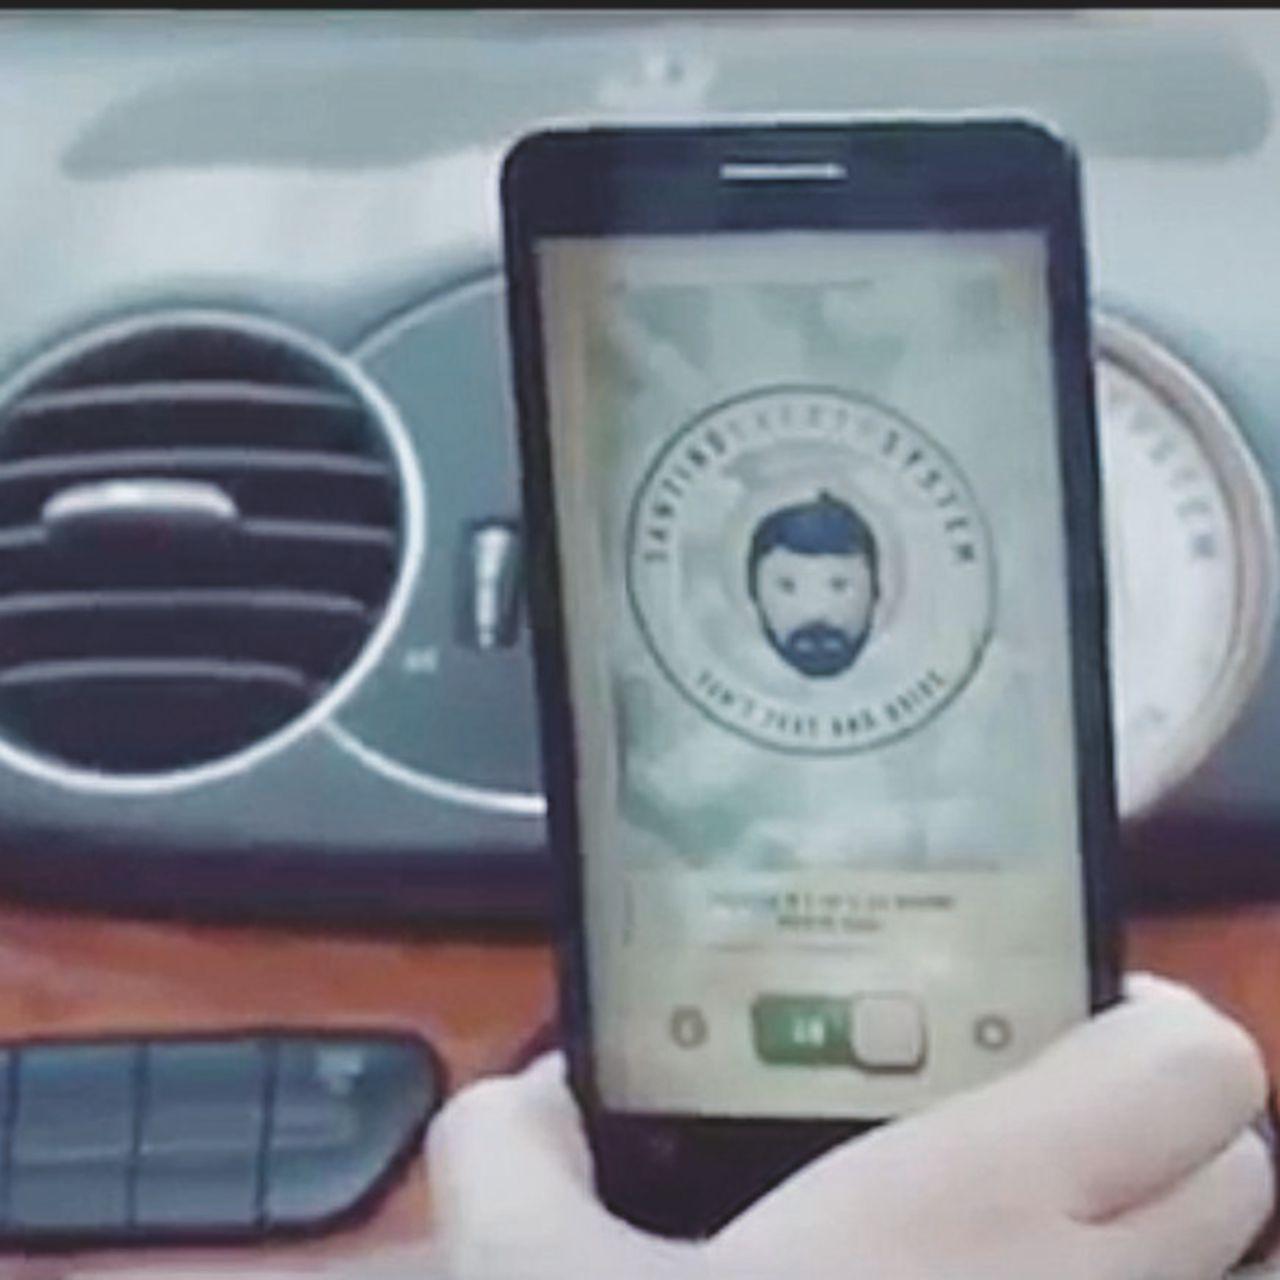 La santa app degli automobilisti digitali contro i pericoli moderni